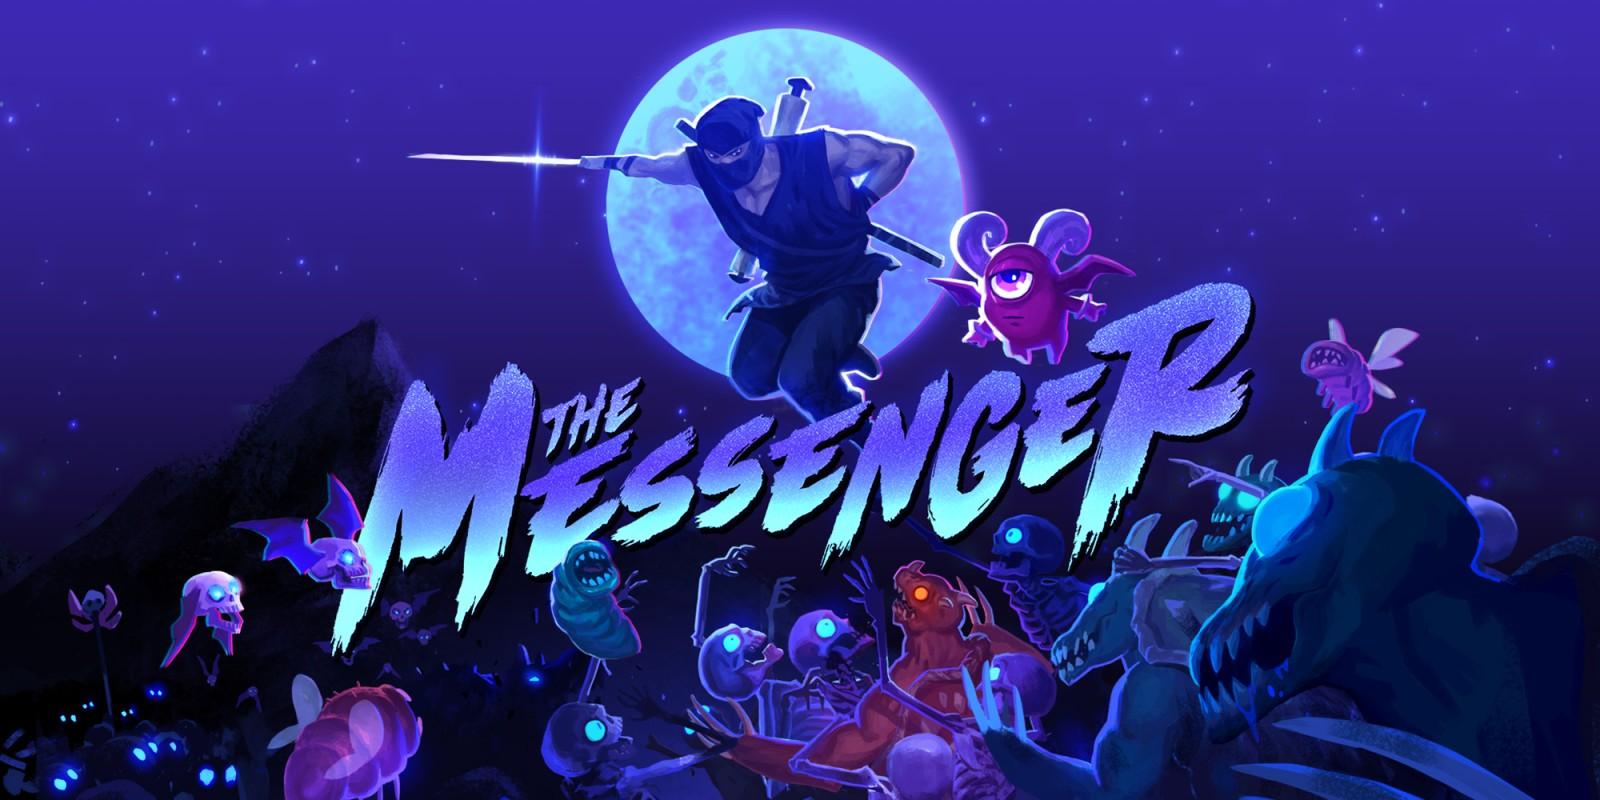 دانلود ترینر بازی The Messenger